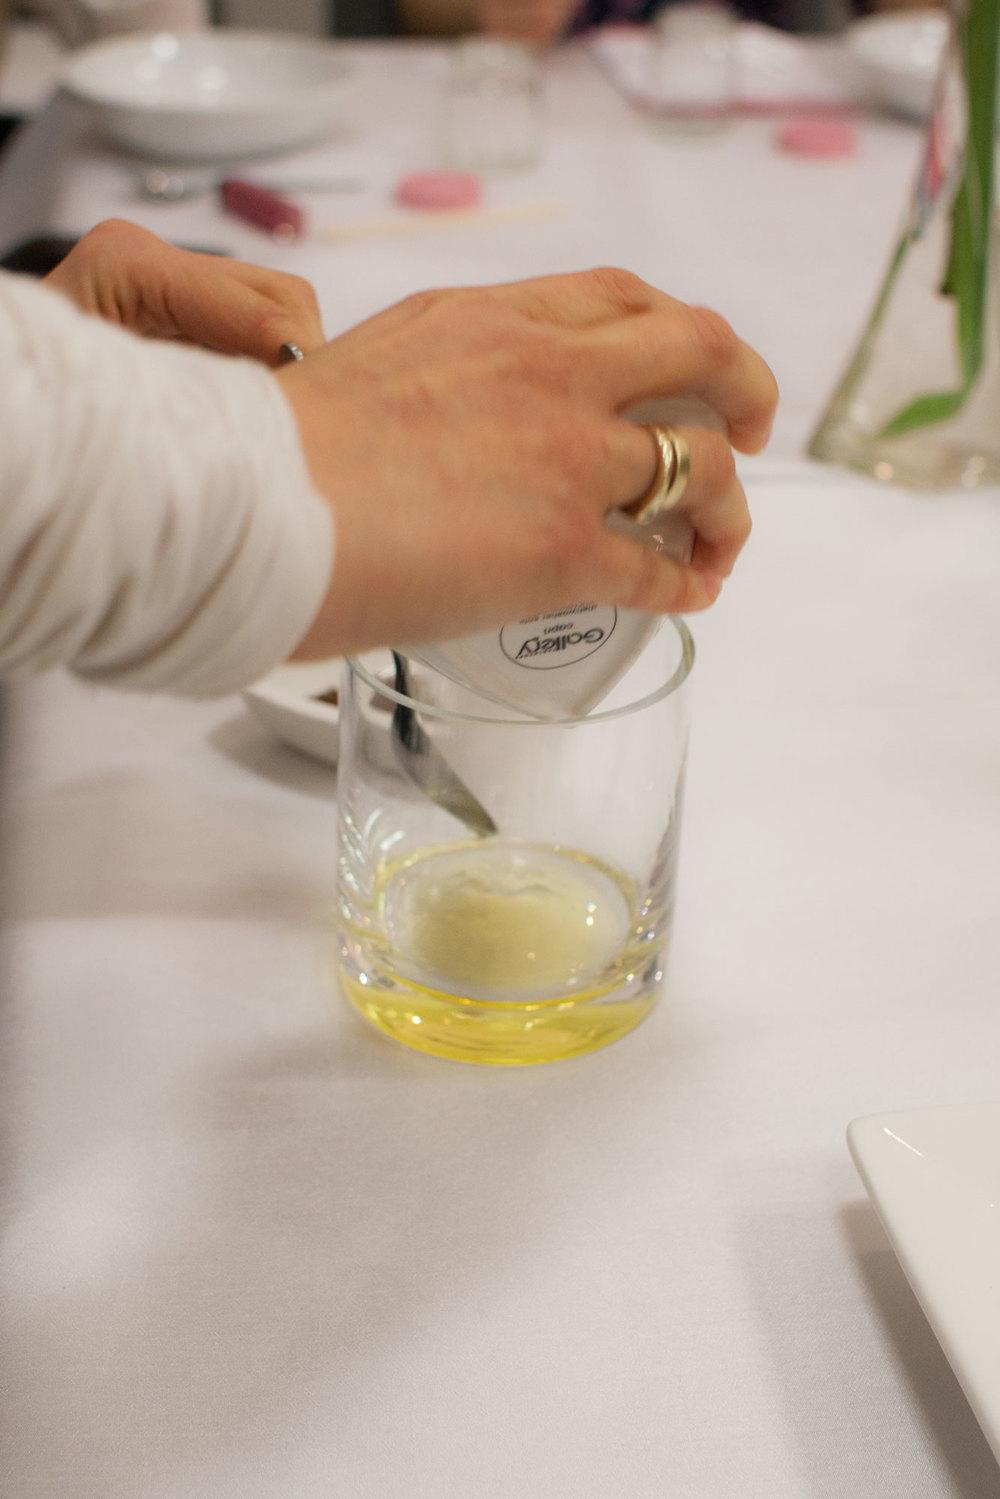 pokazując jak przygotować wygładzający i aromatyczny peeling do ciała.